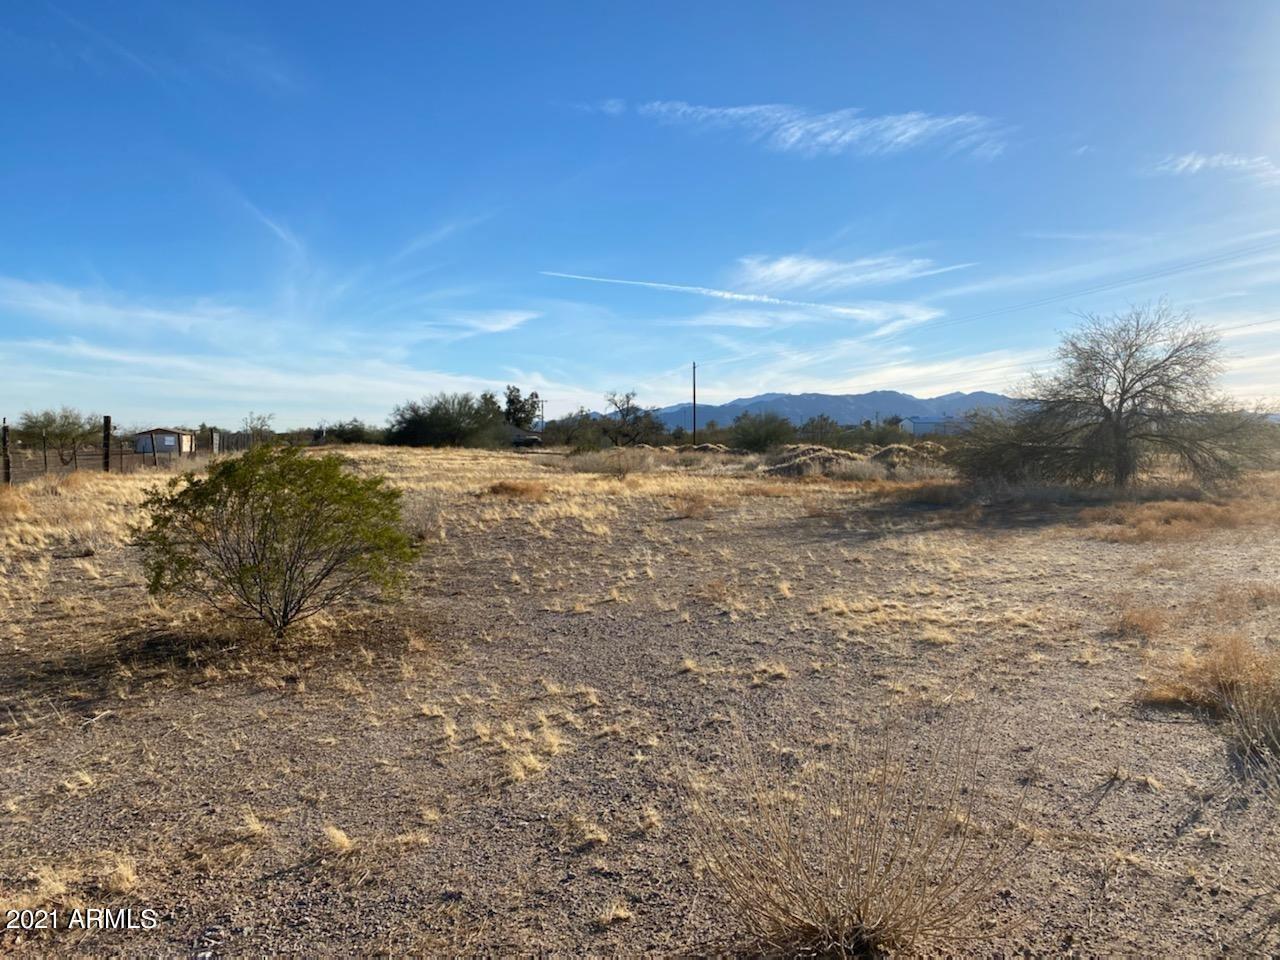 Photo of 19149 W ROADRUNNER Road, Wittmann, AZ 85361 (MLS # 6190851)